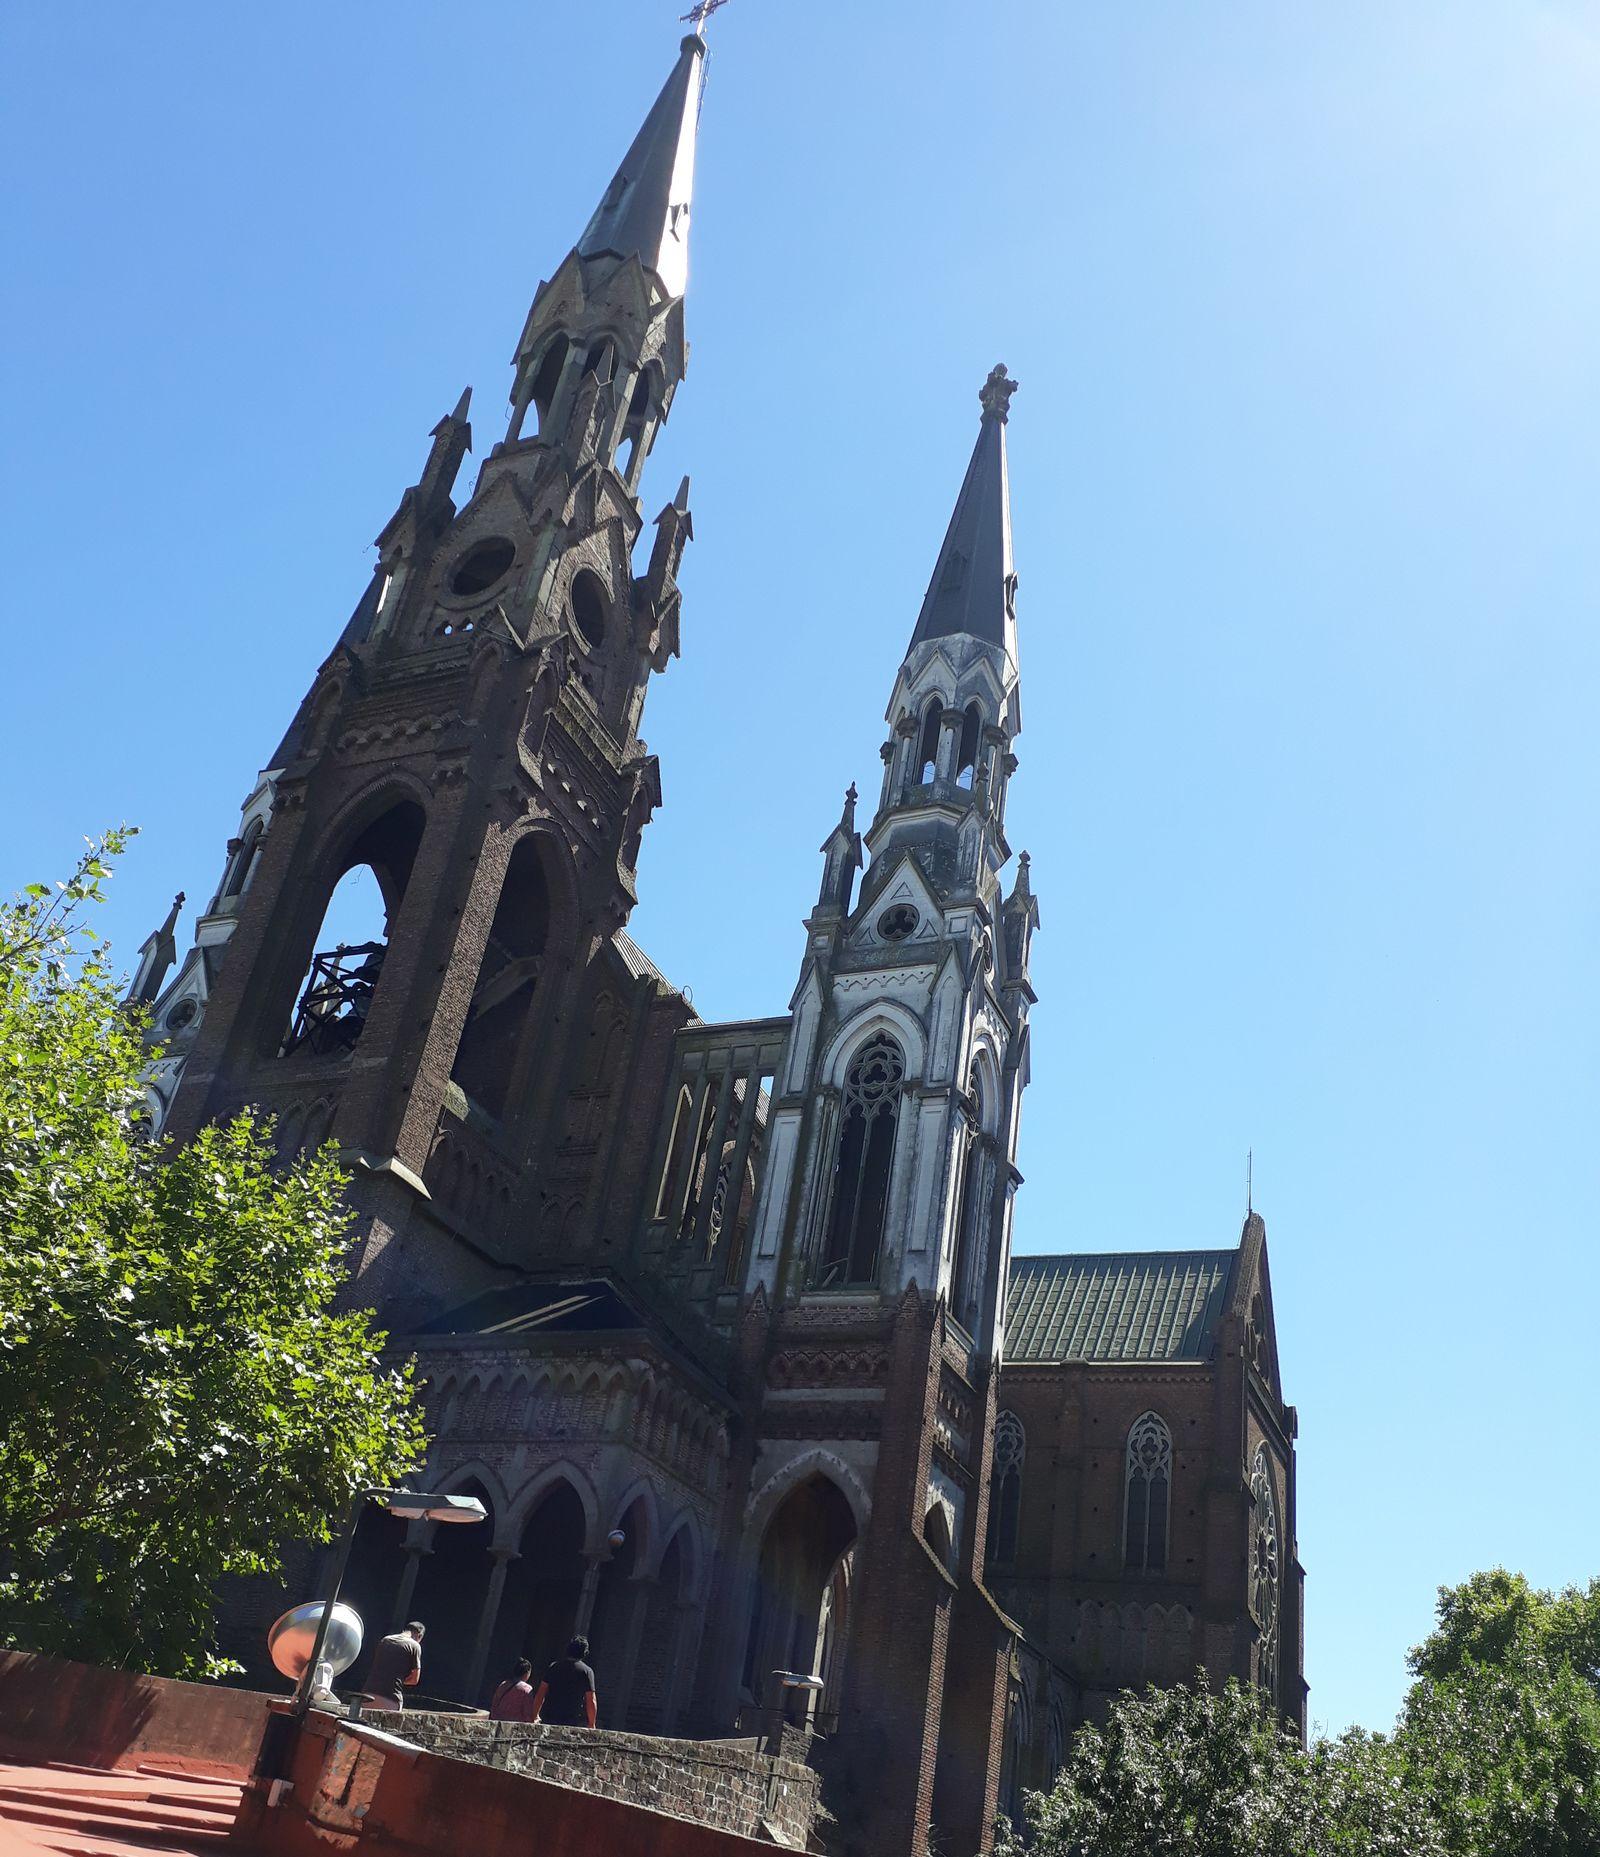 Nuestra Señora de Lourdes de Santos Lugares, piedad mariana del Gran Buenos Aires, Argentina (11 feb)